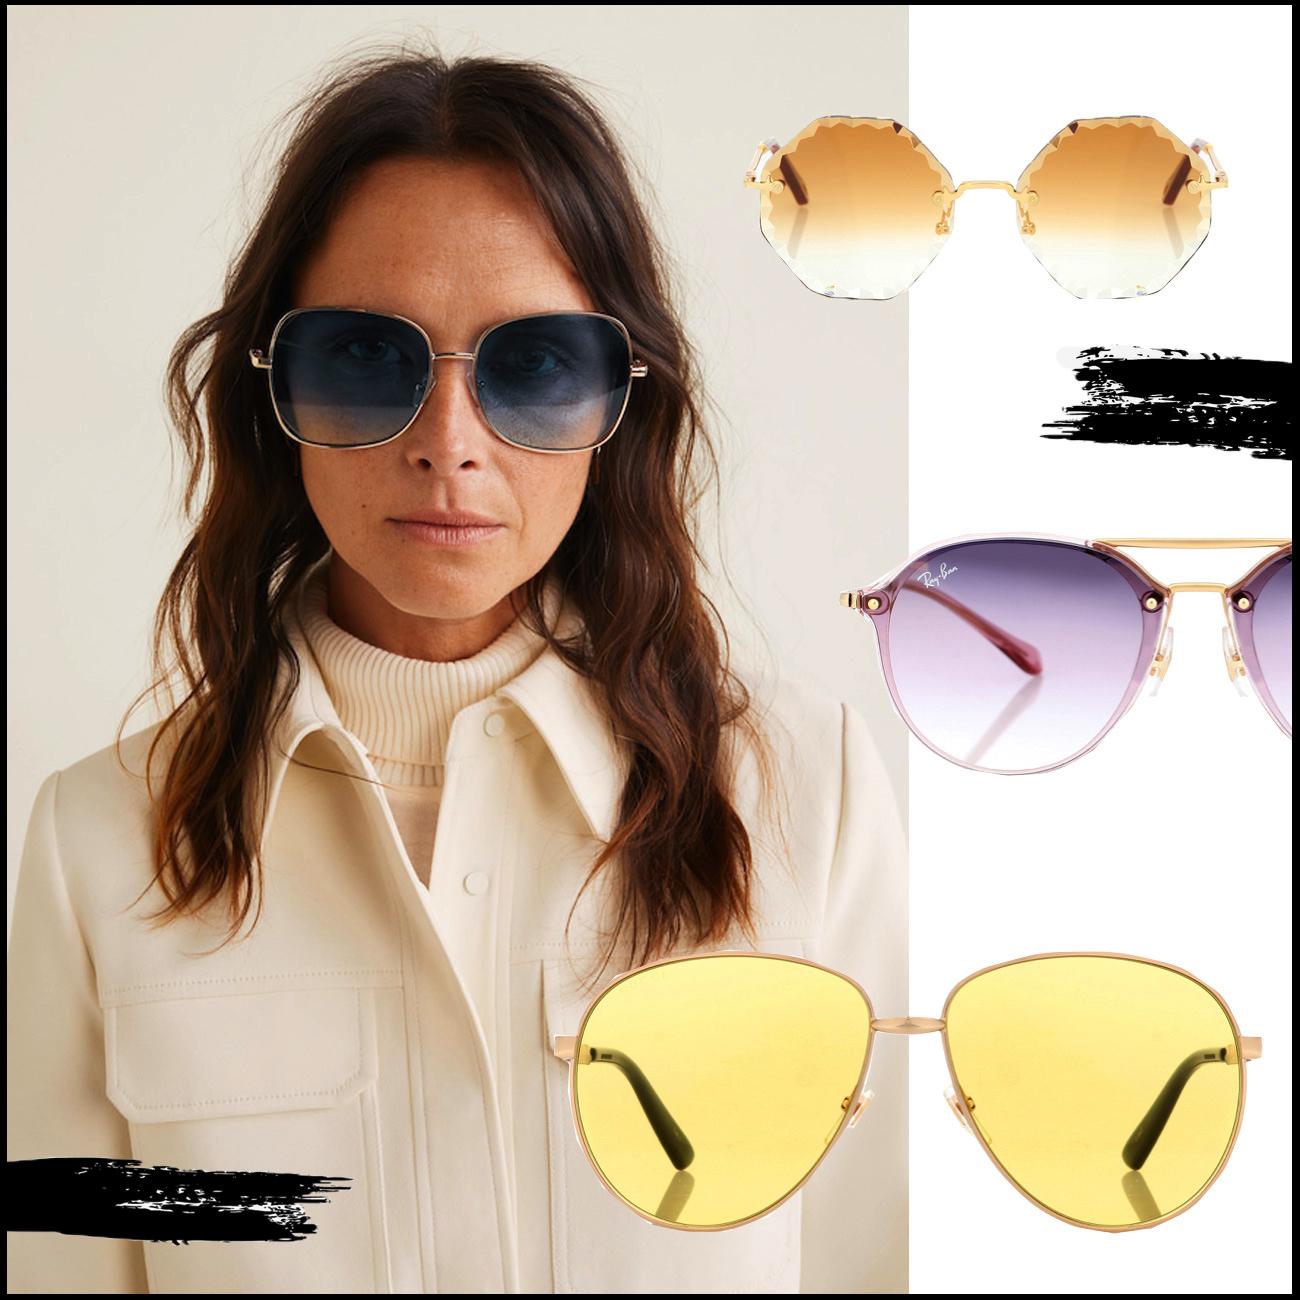 Accessoire Trend 2019 Sonnenbrillen Pastellfarben